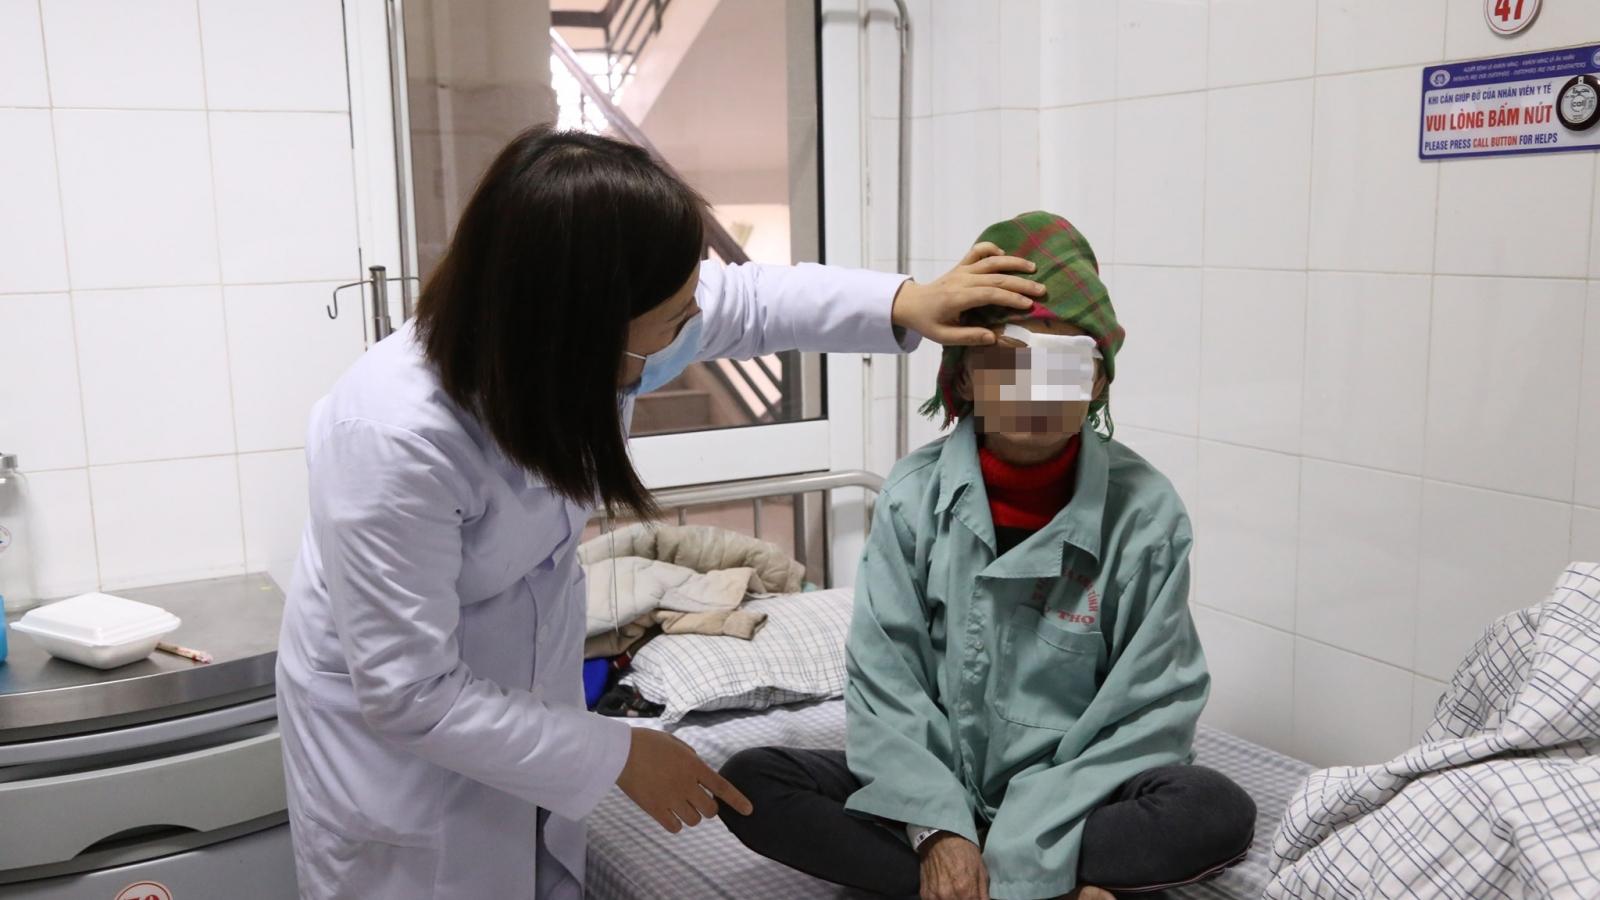 Người bệnh bị hỏng cả 2 mắt do không điều trị kịp thời đục thủy tinh thể